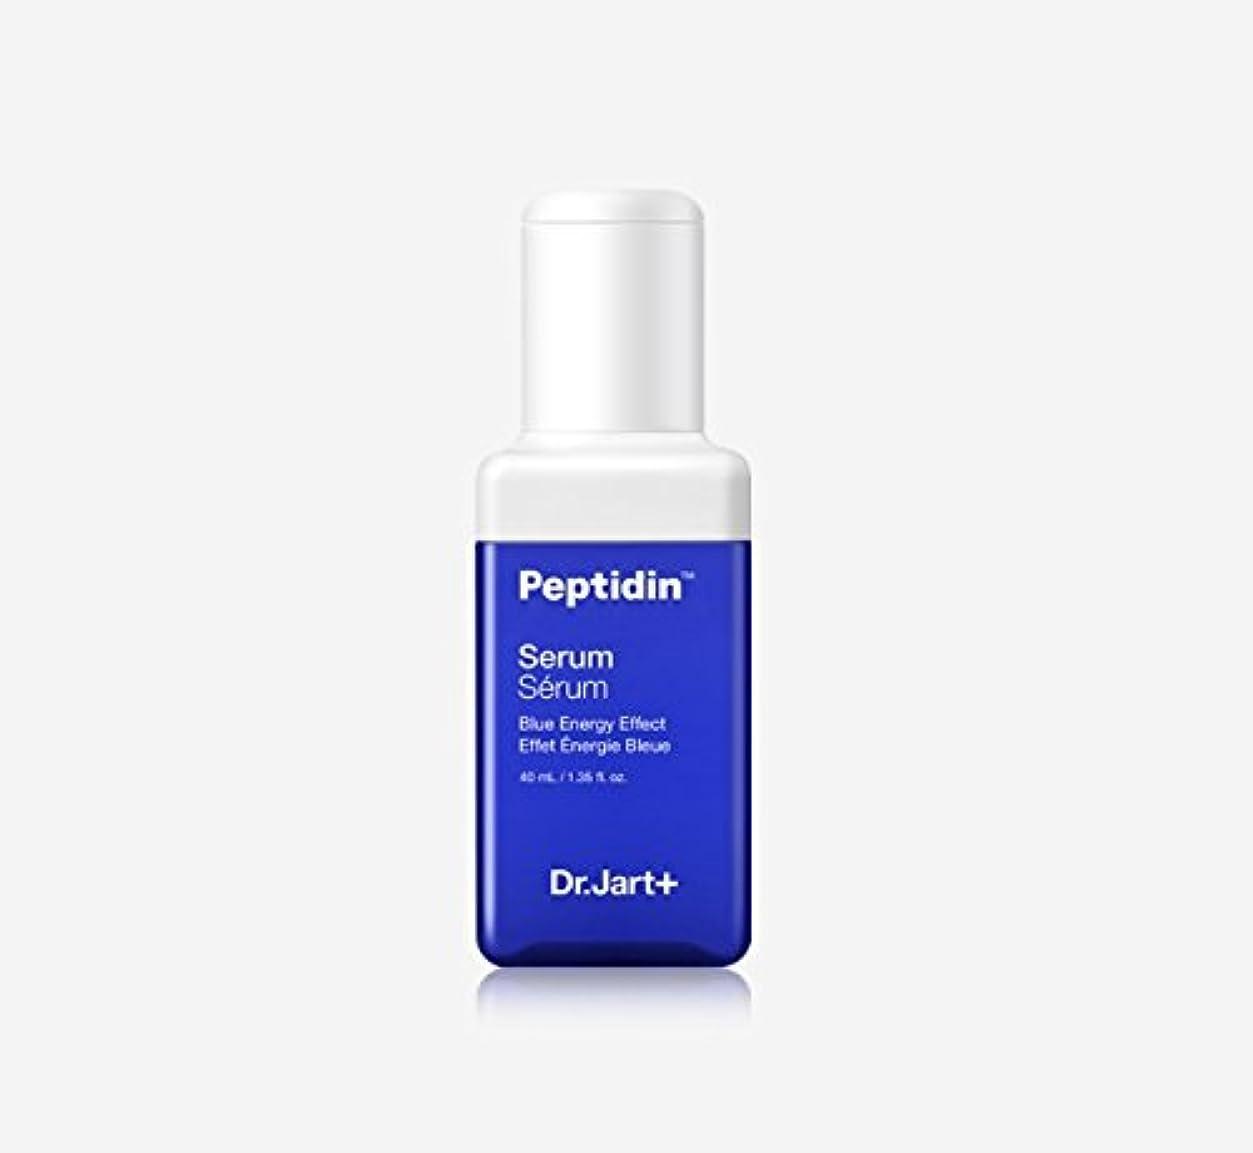 ダーススカウト海峡[Dr.Jart+] ドクタージャルトペプチドディーンセラムブルーエネルギー 40ml / DR JART Peptidin Serum Blue Energy 1.35 fl.oz. [海外直送品]